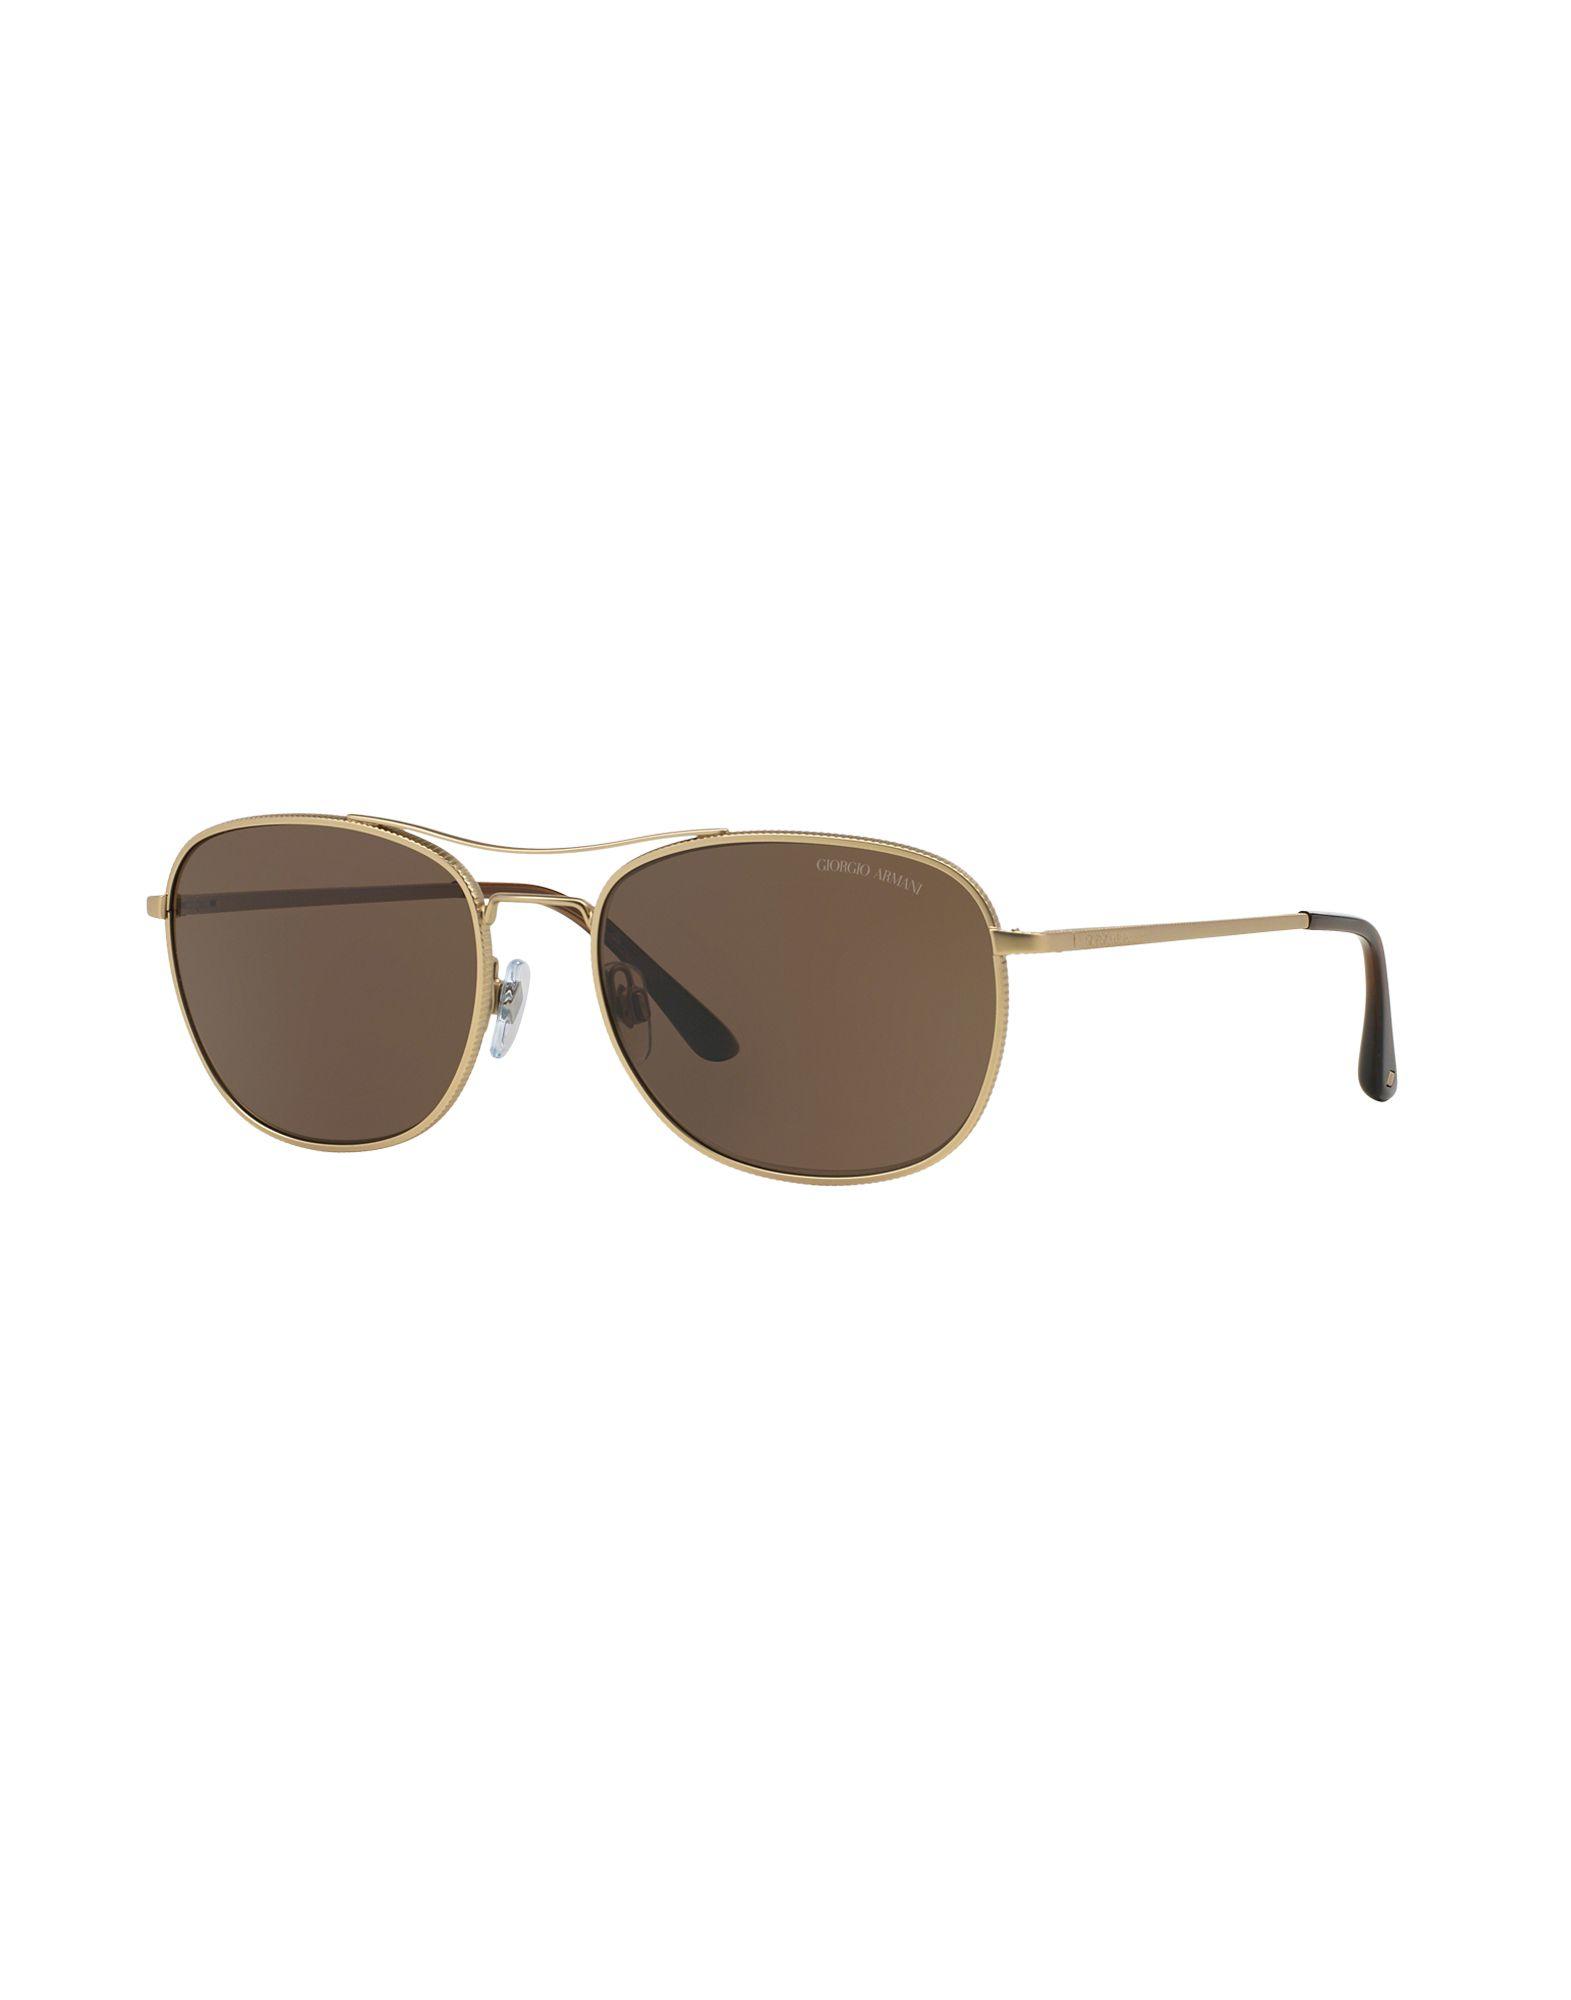 Armani Gold Frame Sunglasses : Giorgio armani Sunglasses in Gold for Men - Save 27% Lyst